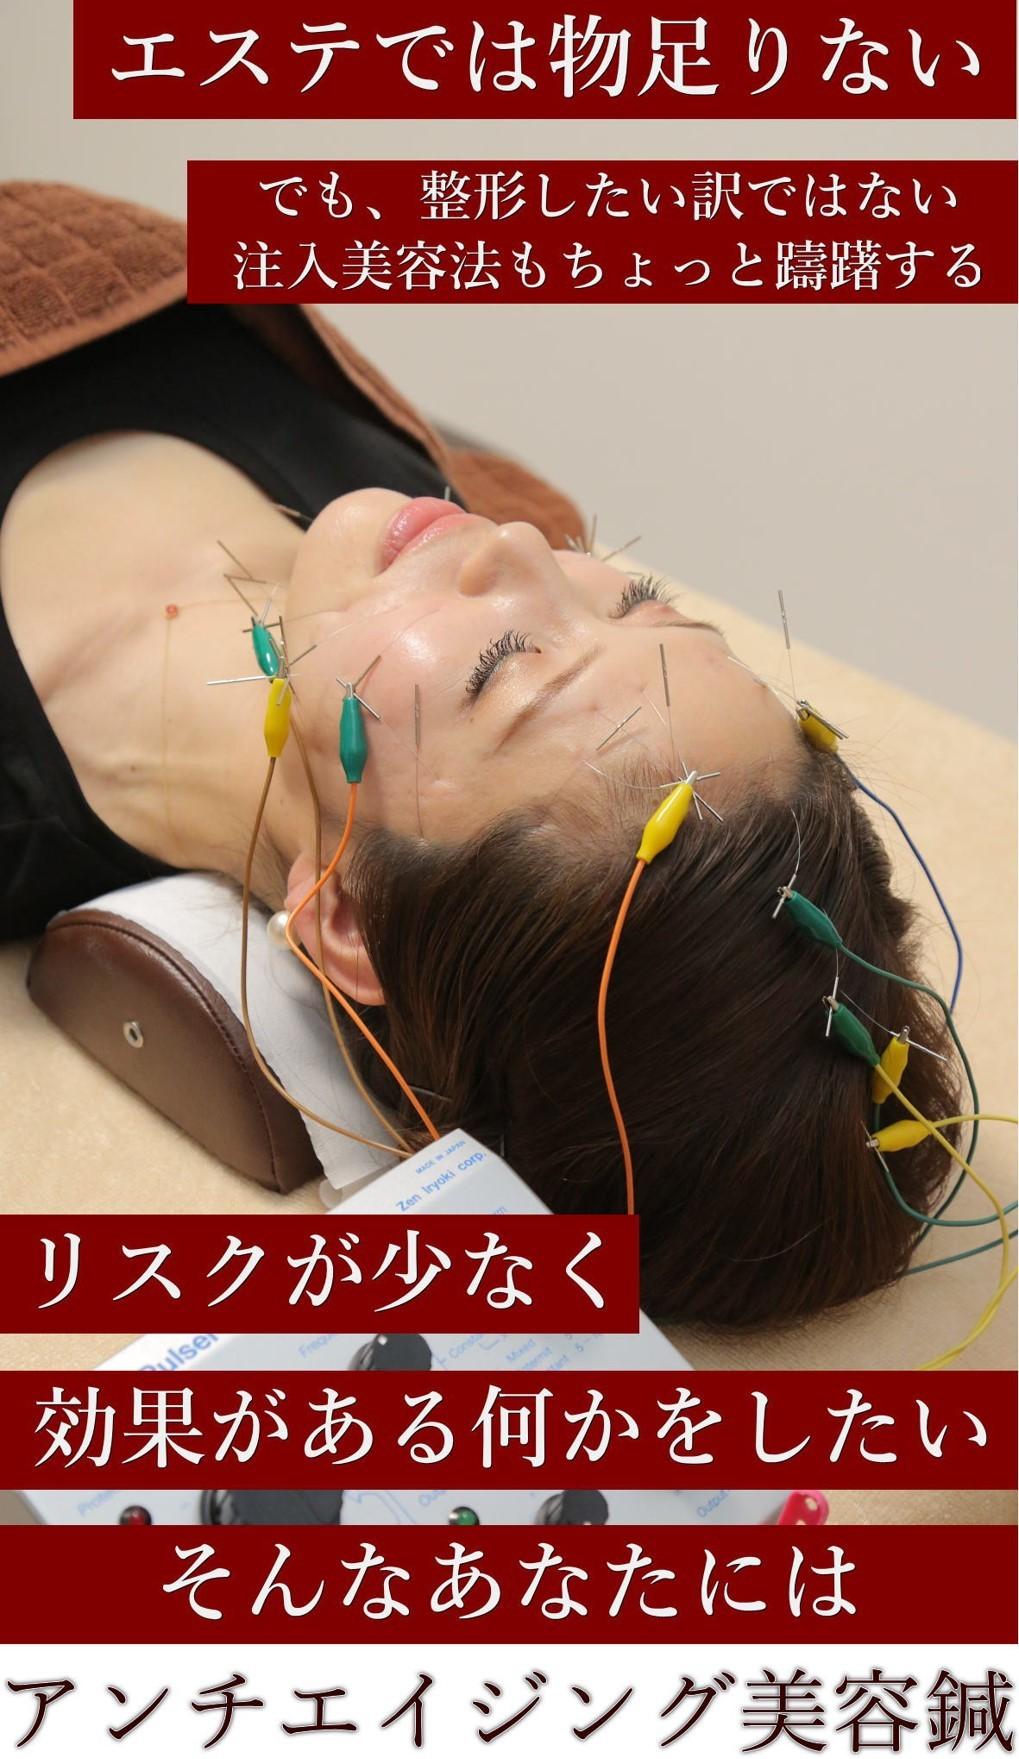 「初診」アンチエイジング美容鍼51本トライアルセット(3,740円お得)